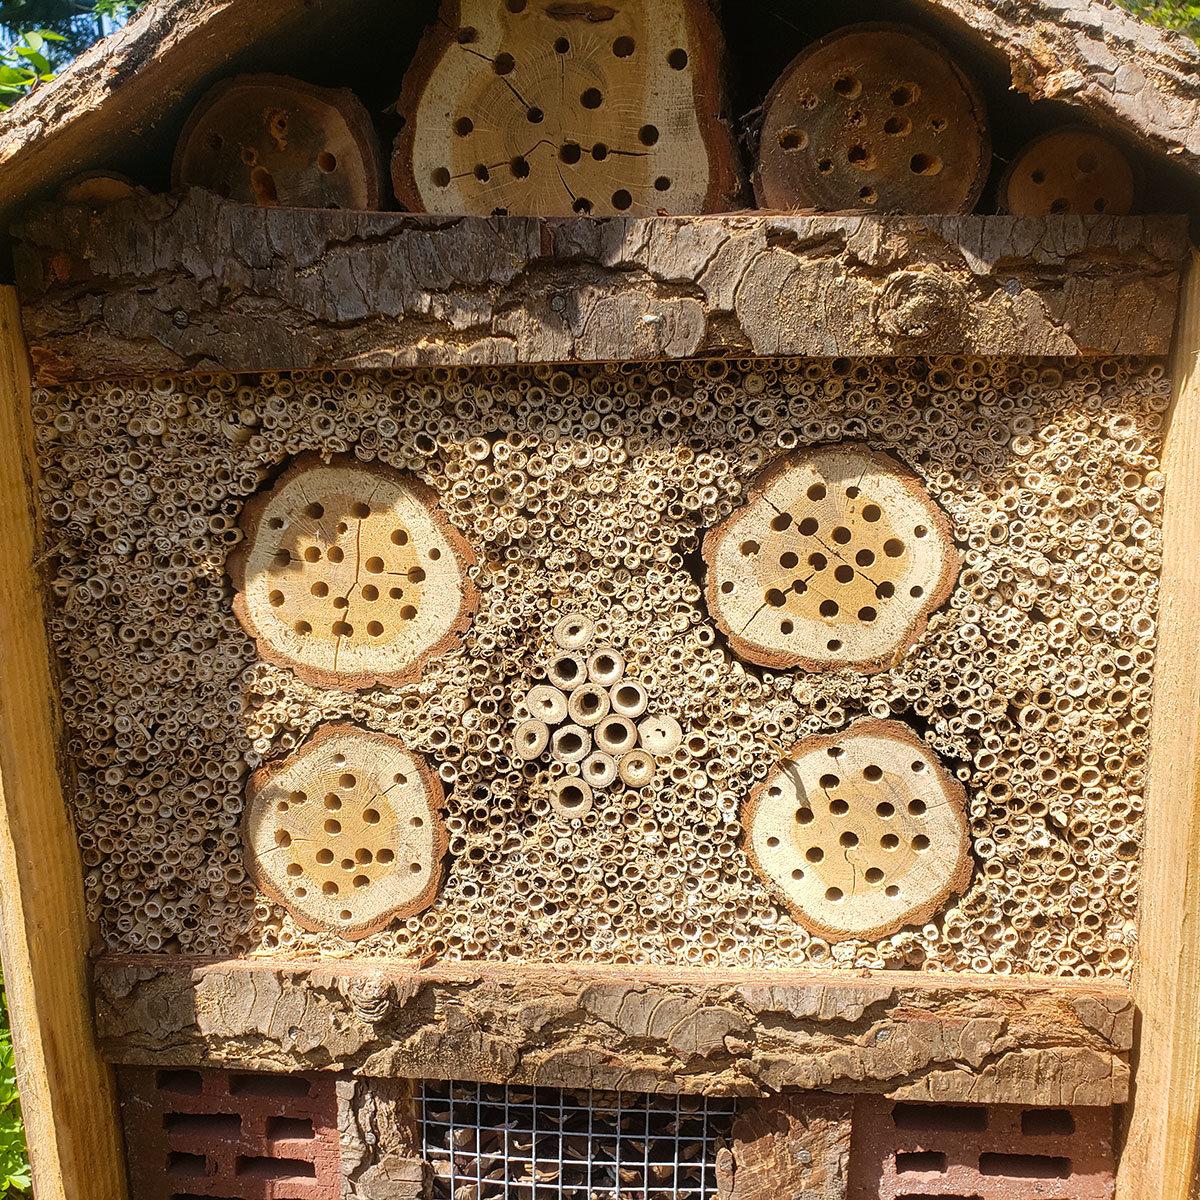 Natur-Insektenhotel | #2